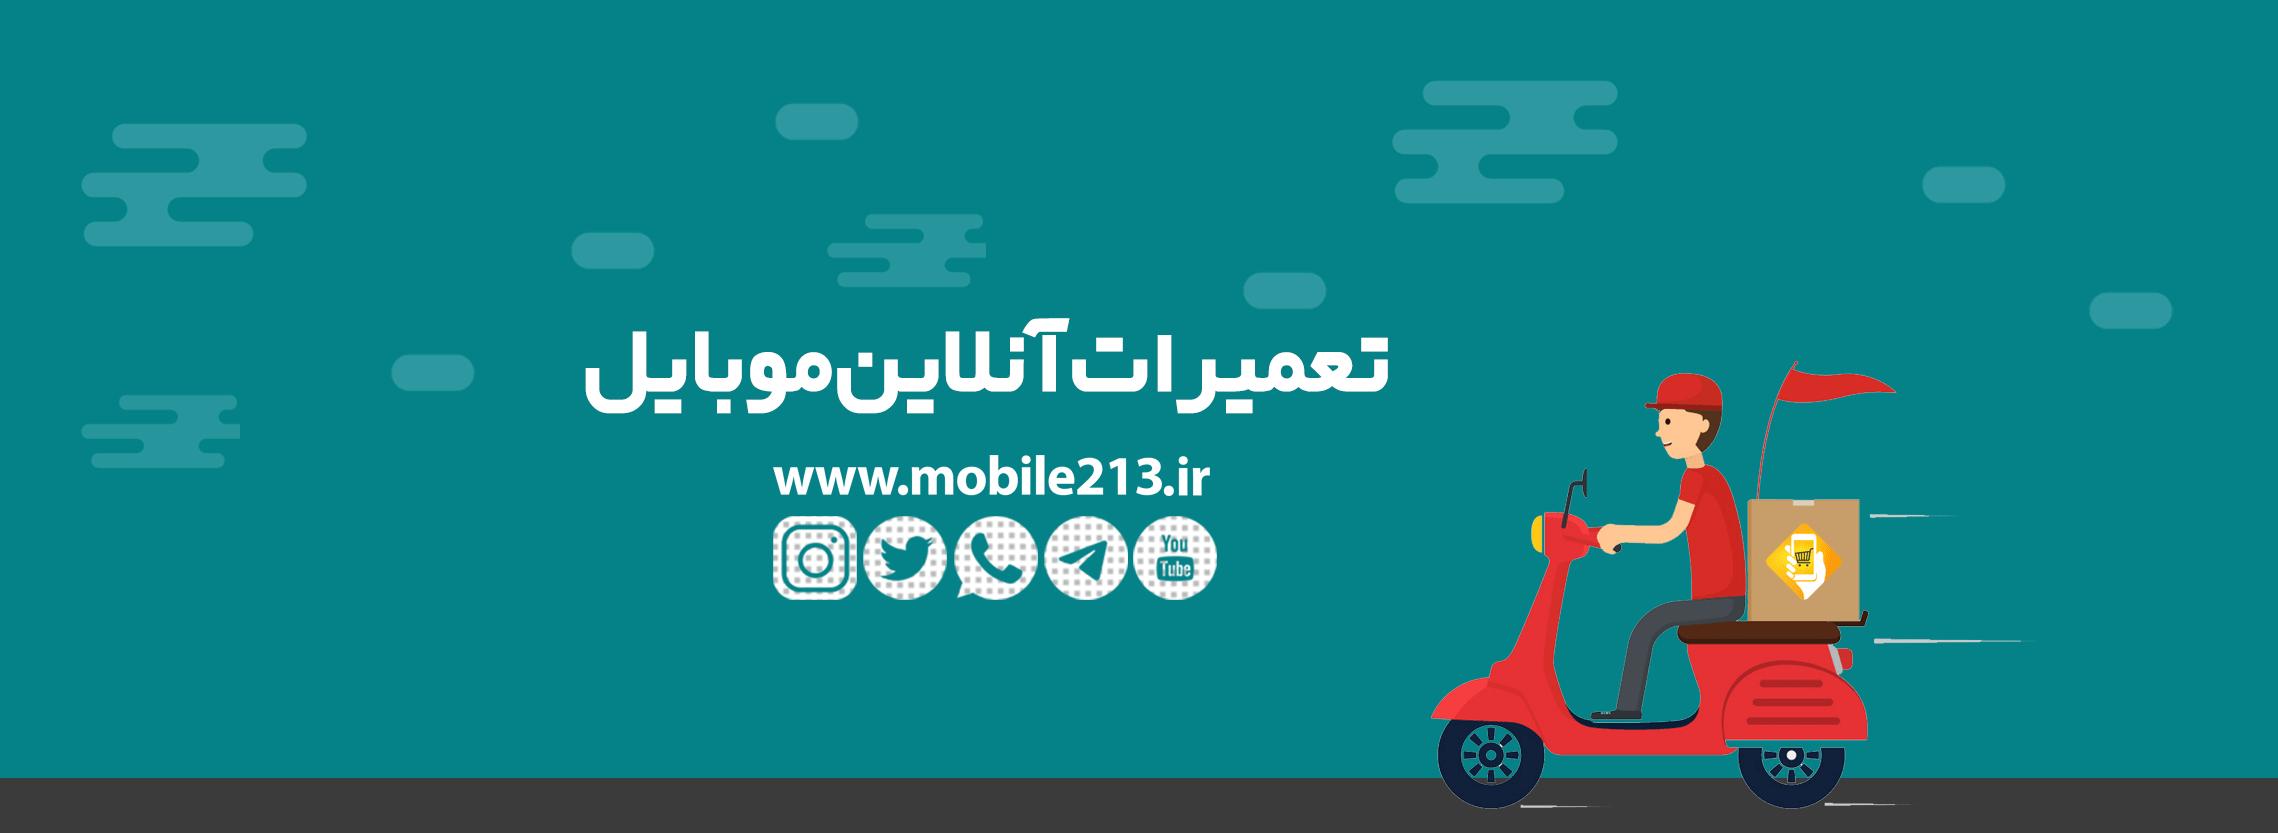 تعمیرات آنلاین موبایل در شهر شیراز